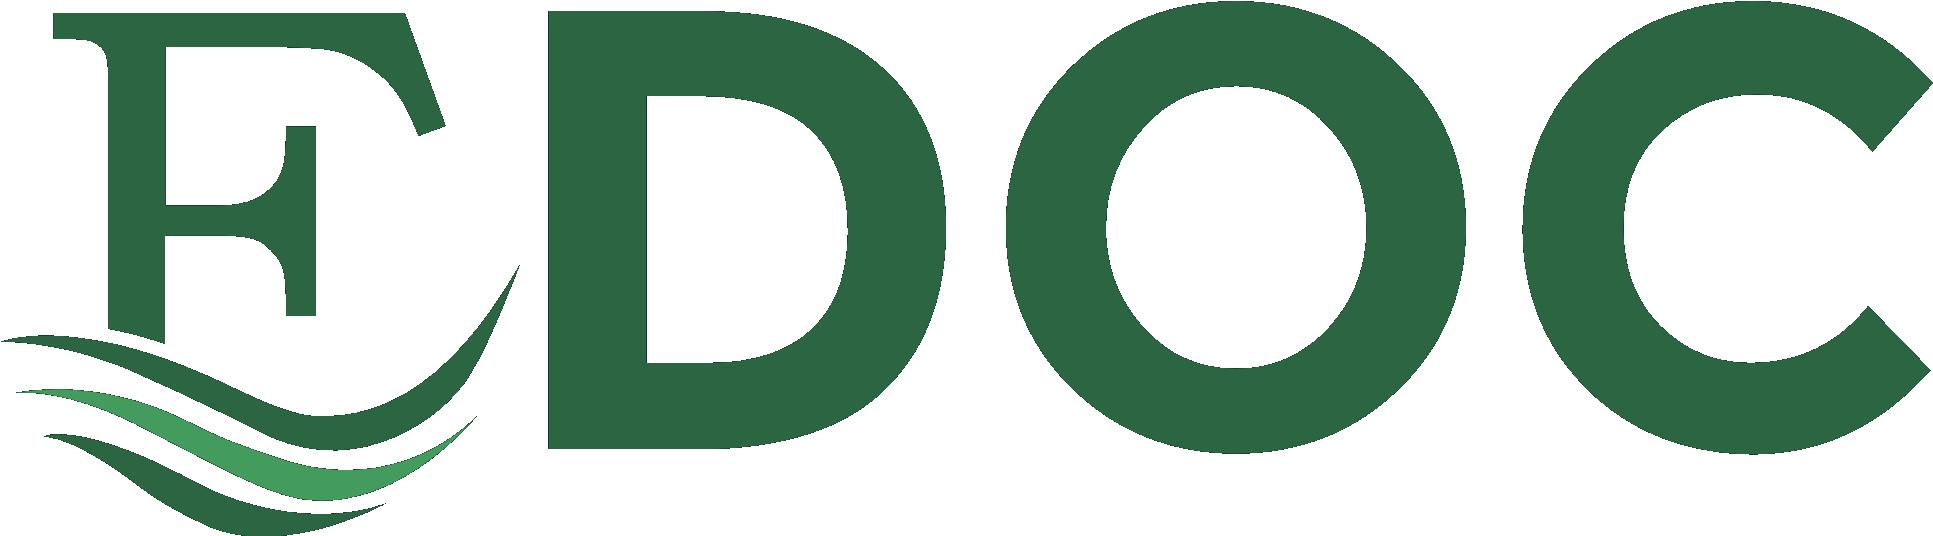 Sebészet   Digitális Tankönyvtár